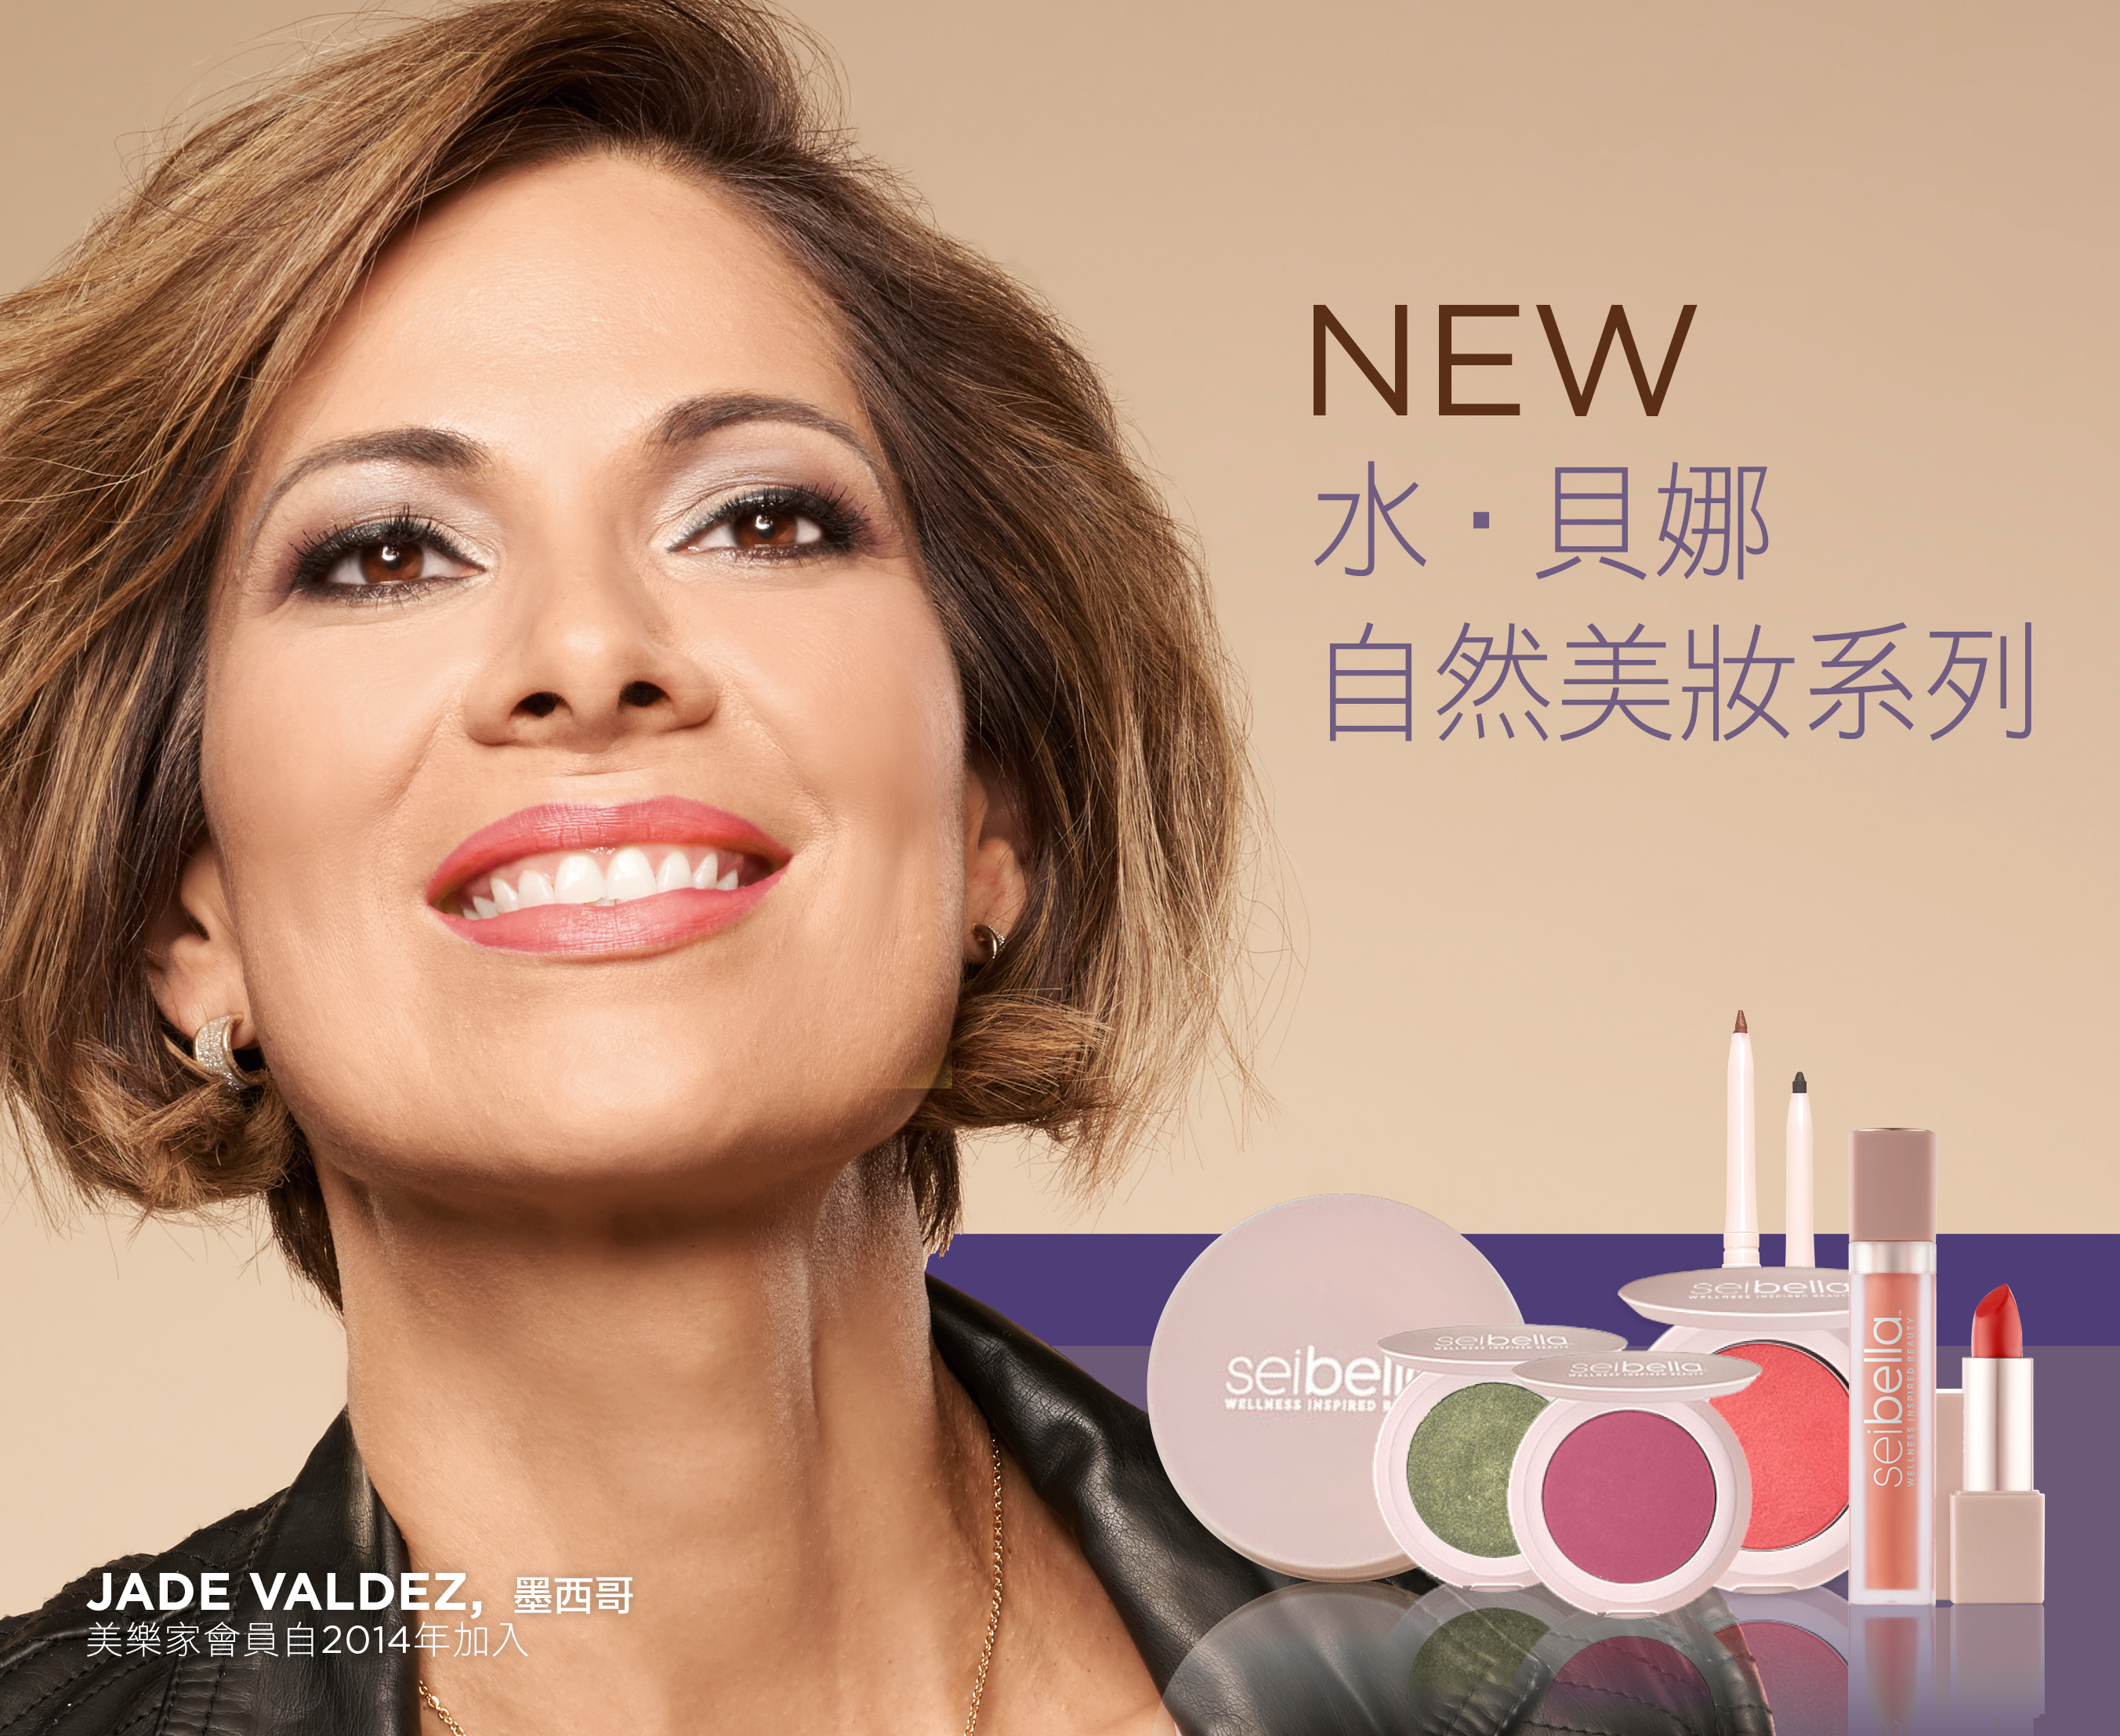 大受好評的水‧貝娜 自然美妝新品上市啦!